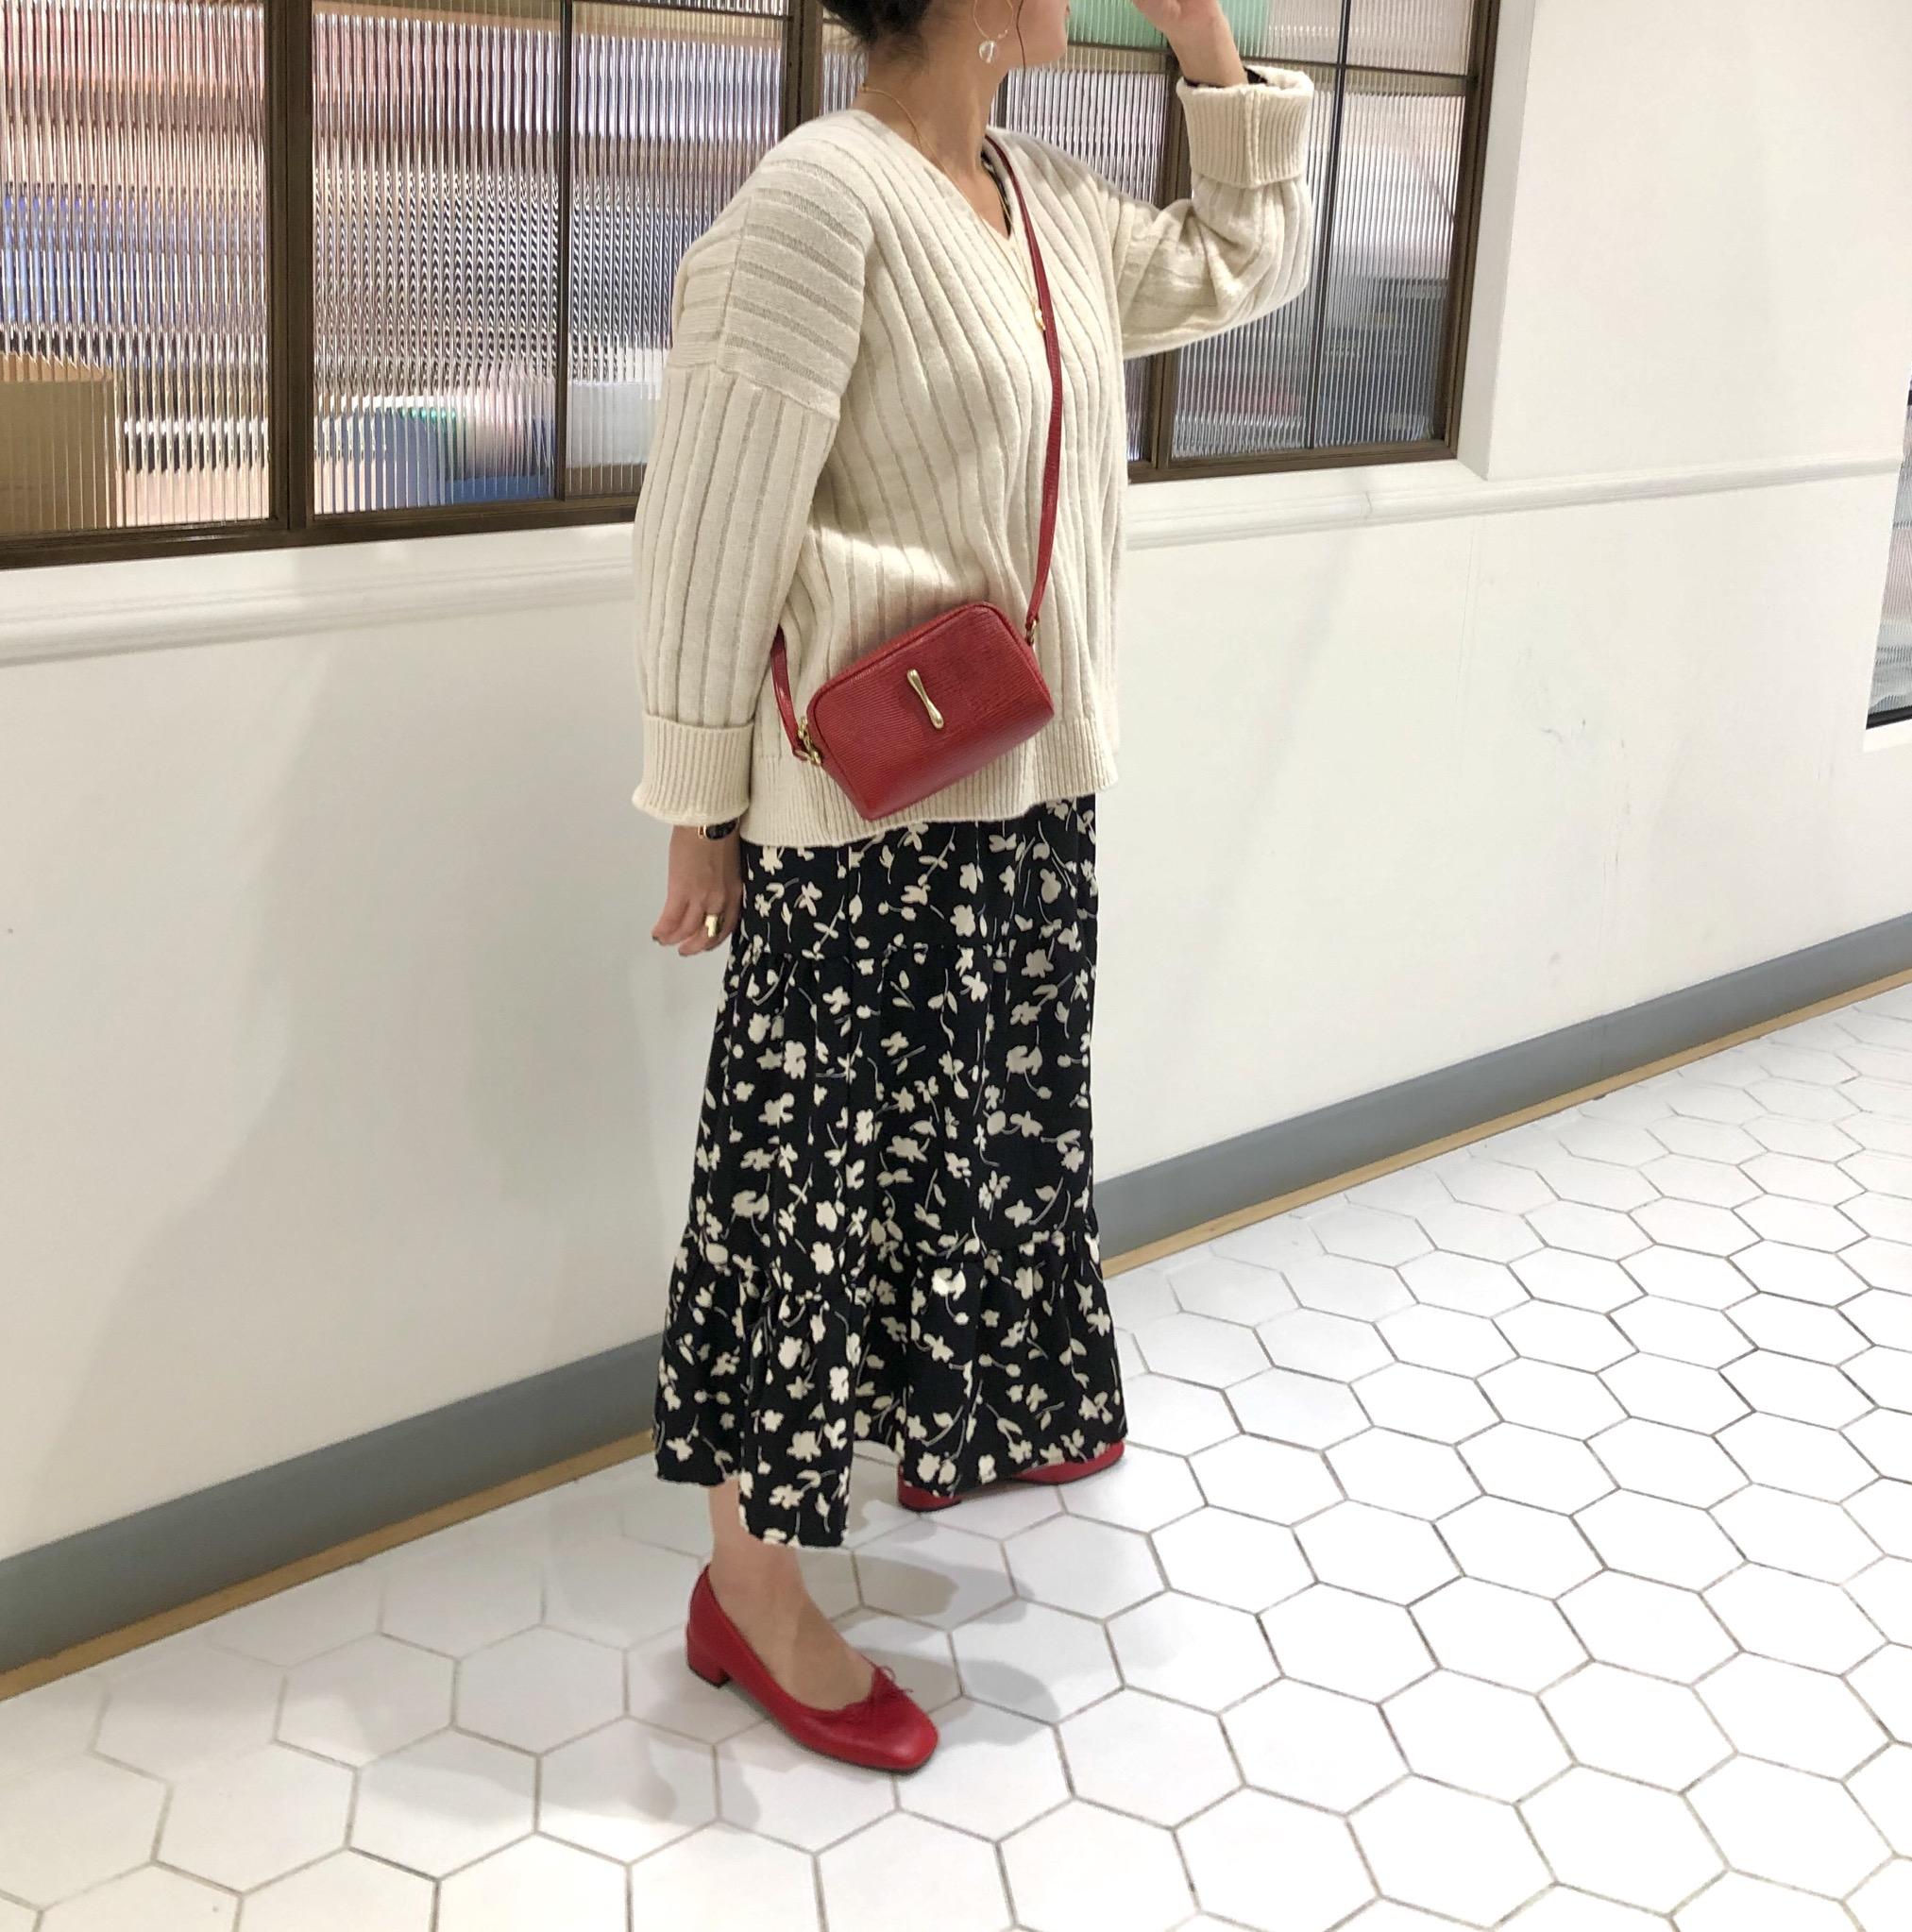 スクラップブック ScrapBook scrapbook 池袋東武セレクトショップ 可愛い カワイイ 可愛い カバン 鞄 バッグ おしゃれ 使いやす TOFF&LOADSTONE トフ&ロードストーン